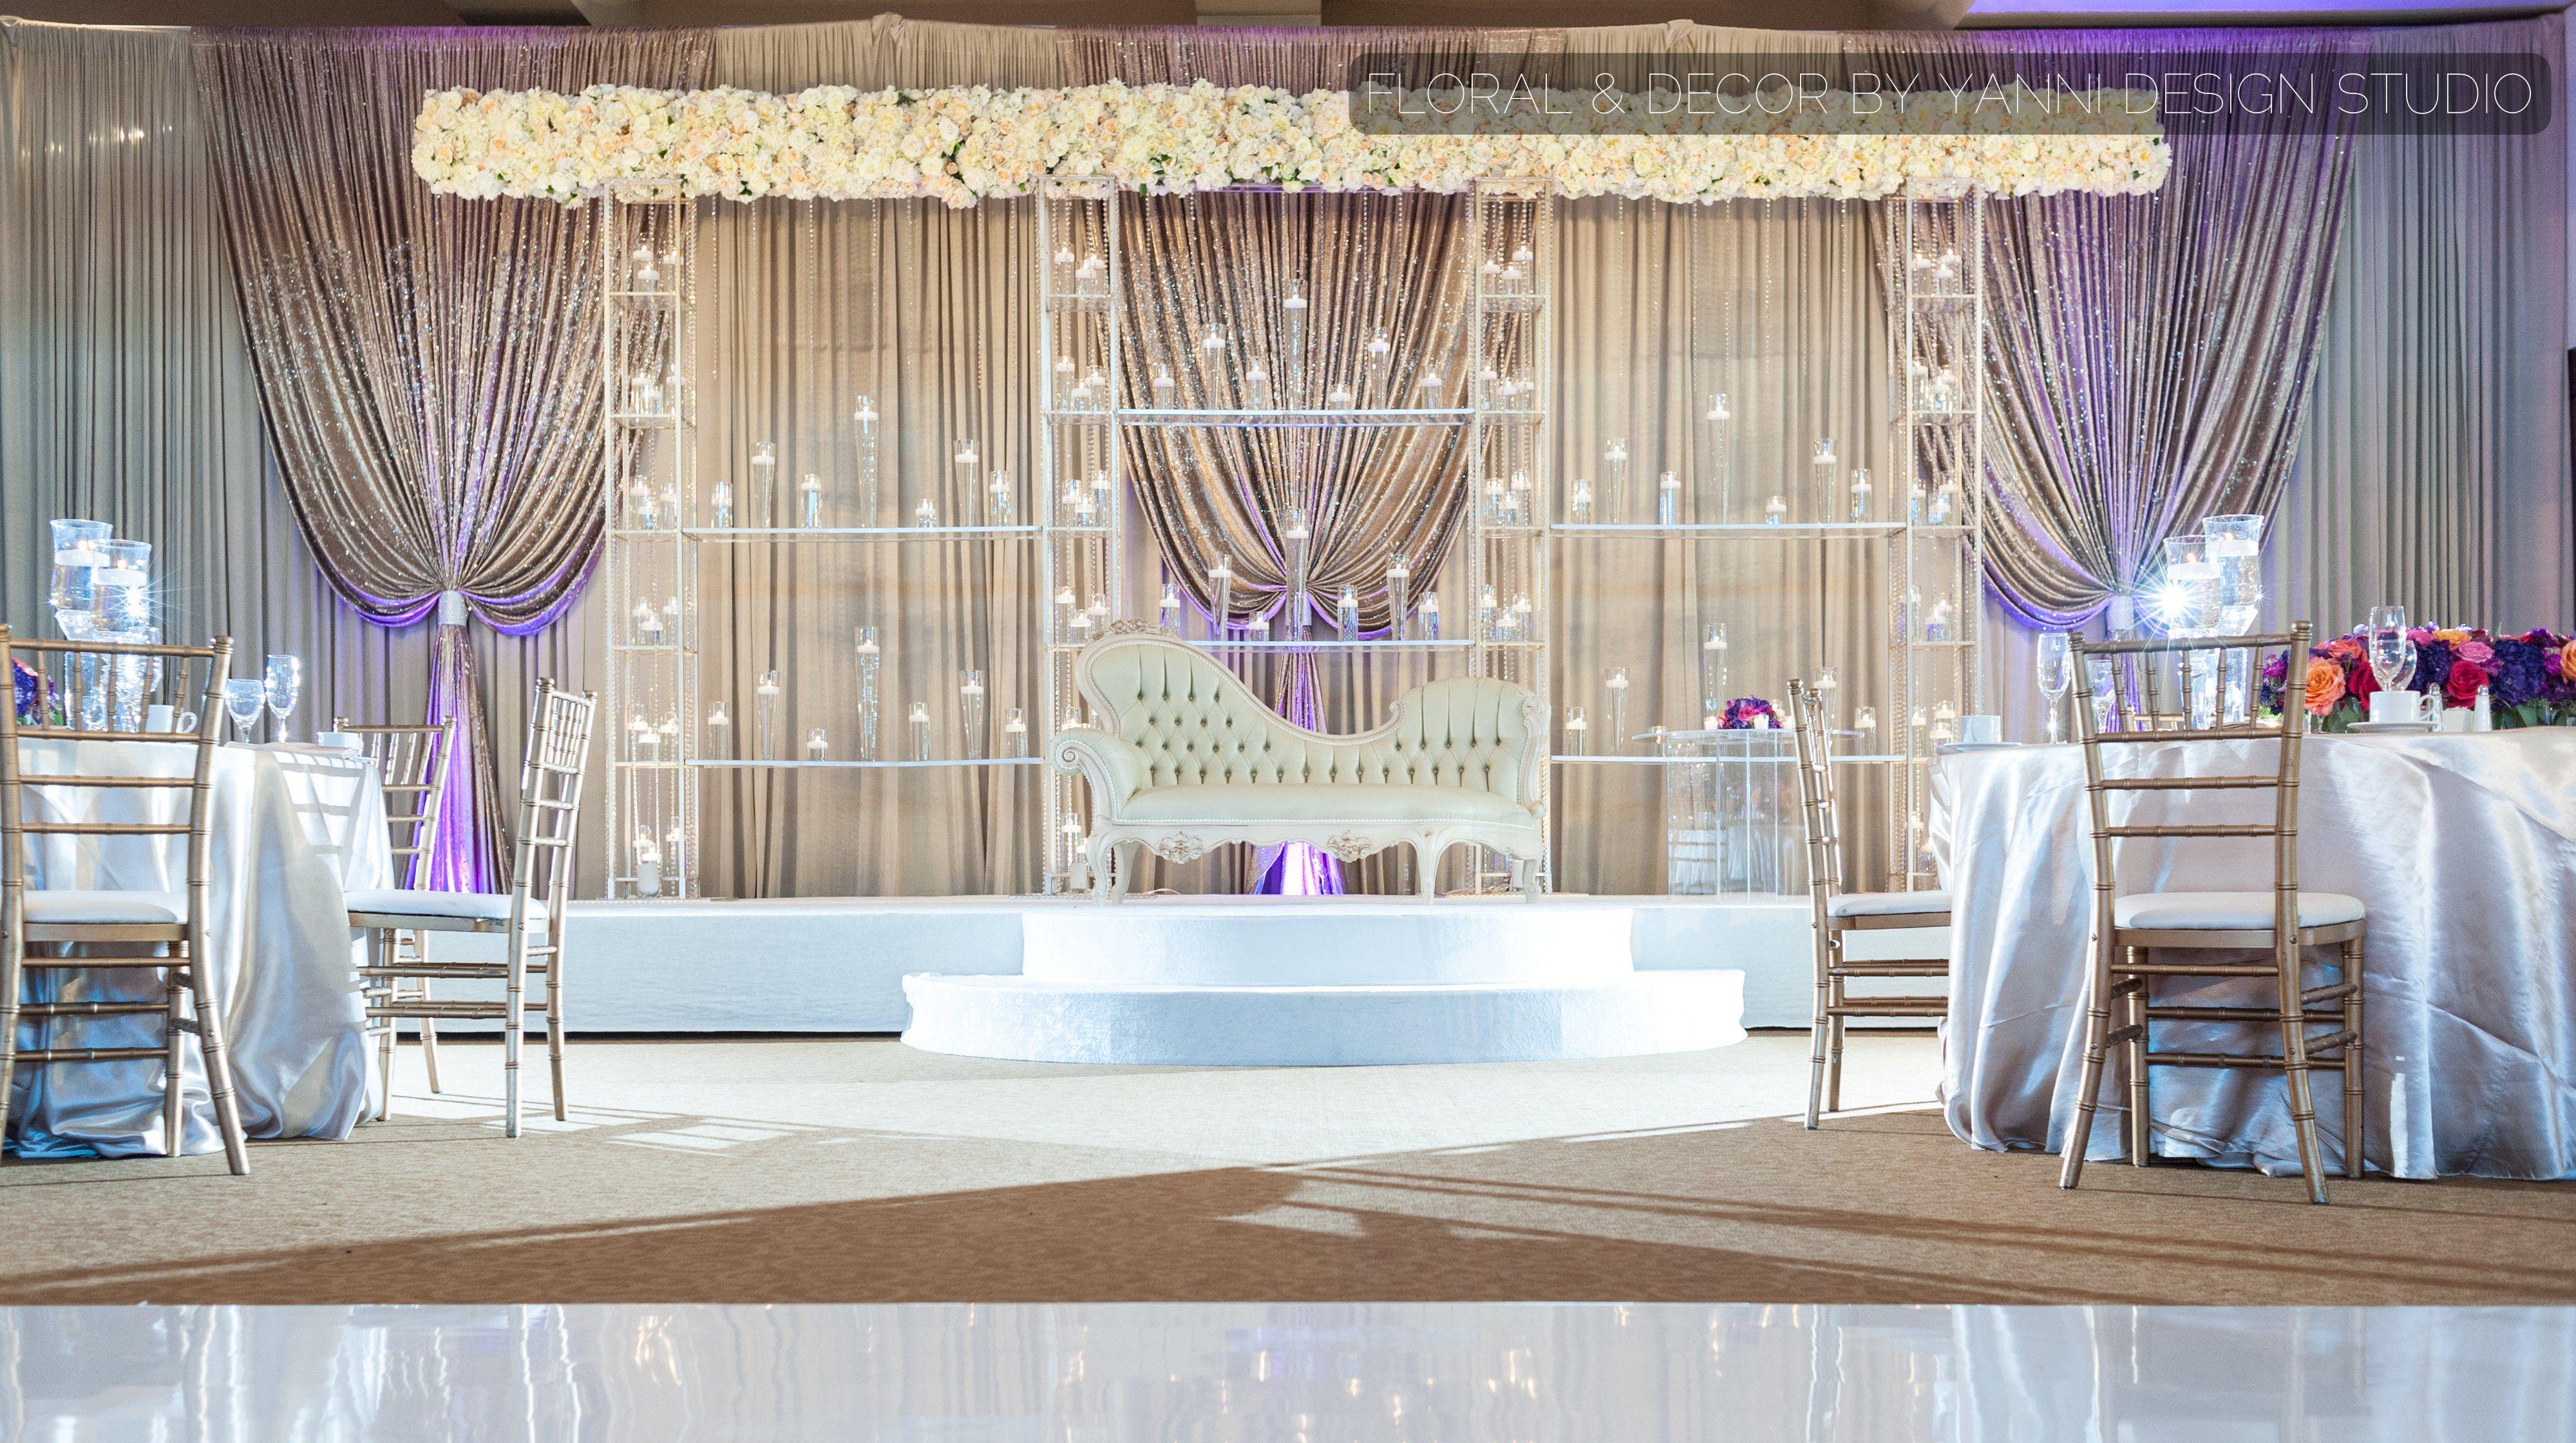 Wedding Floral | Wedding stage design, Decor, Outdoor ...